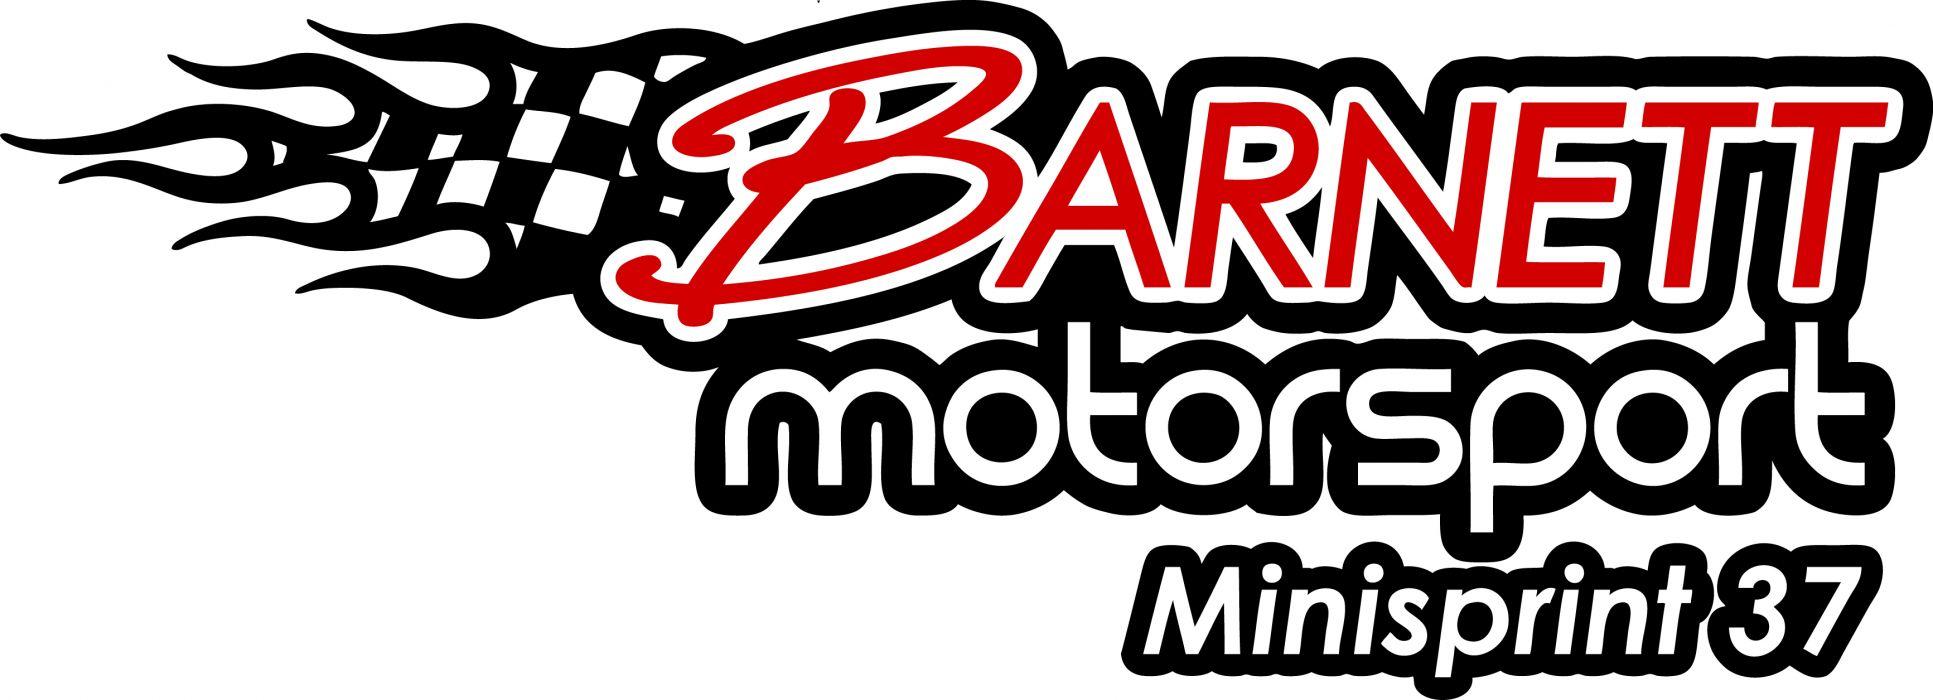 SPRINT-CAR race racing sprint logo   h wallpaper